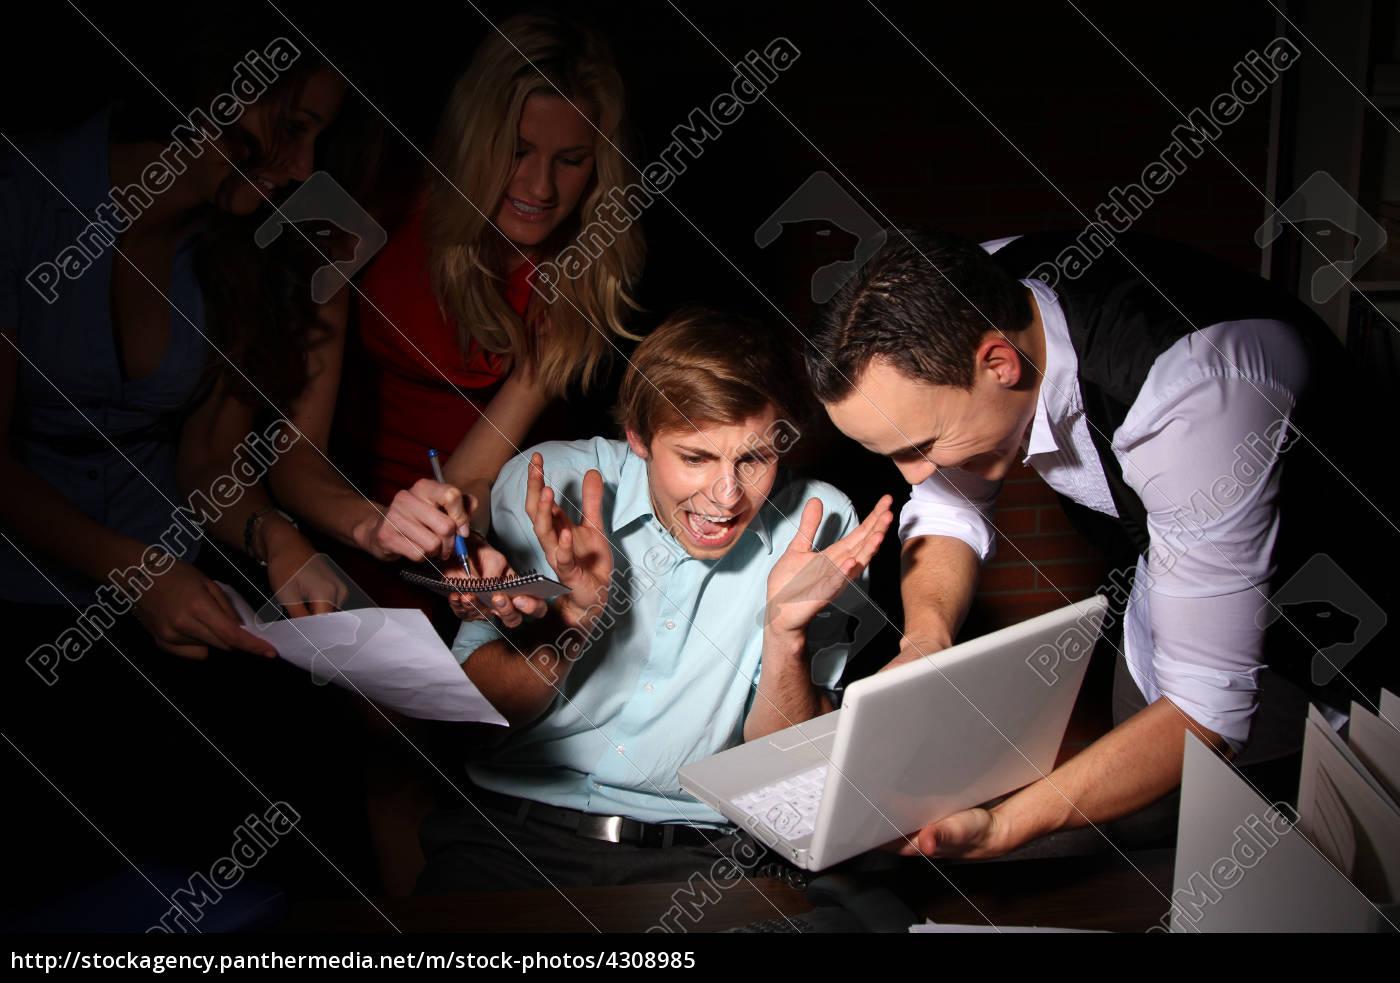 mulher, telefone, escritorio, caderno, computadores, computador - 4308985